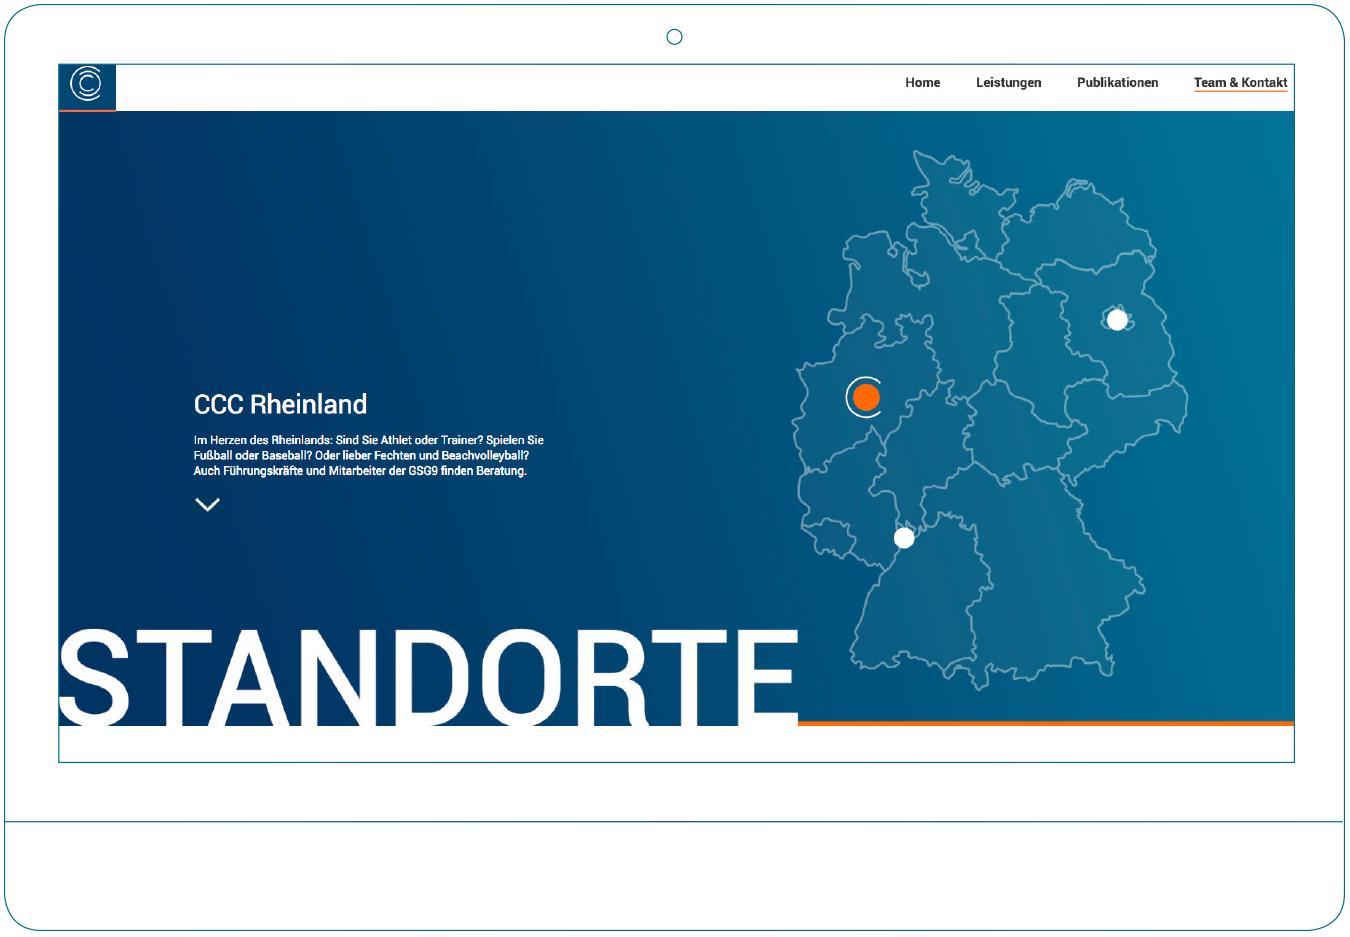 Neue CCC-Website auf illustriertem Bildschirm